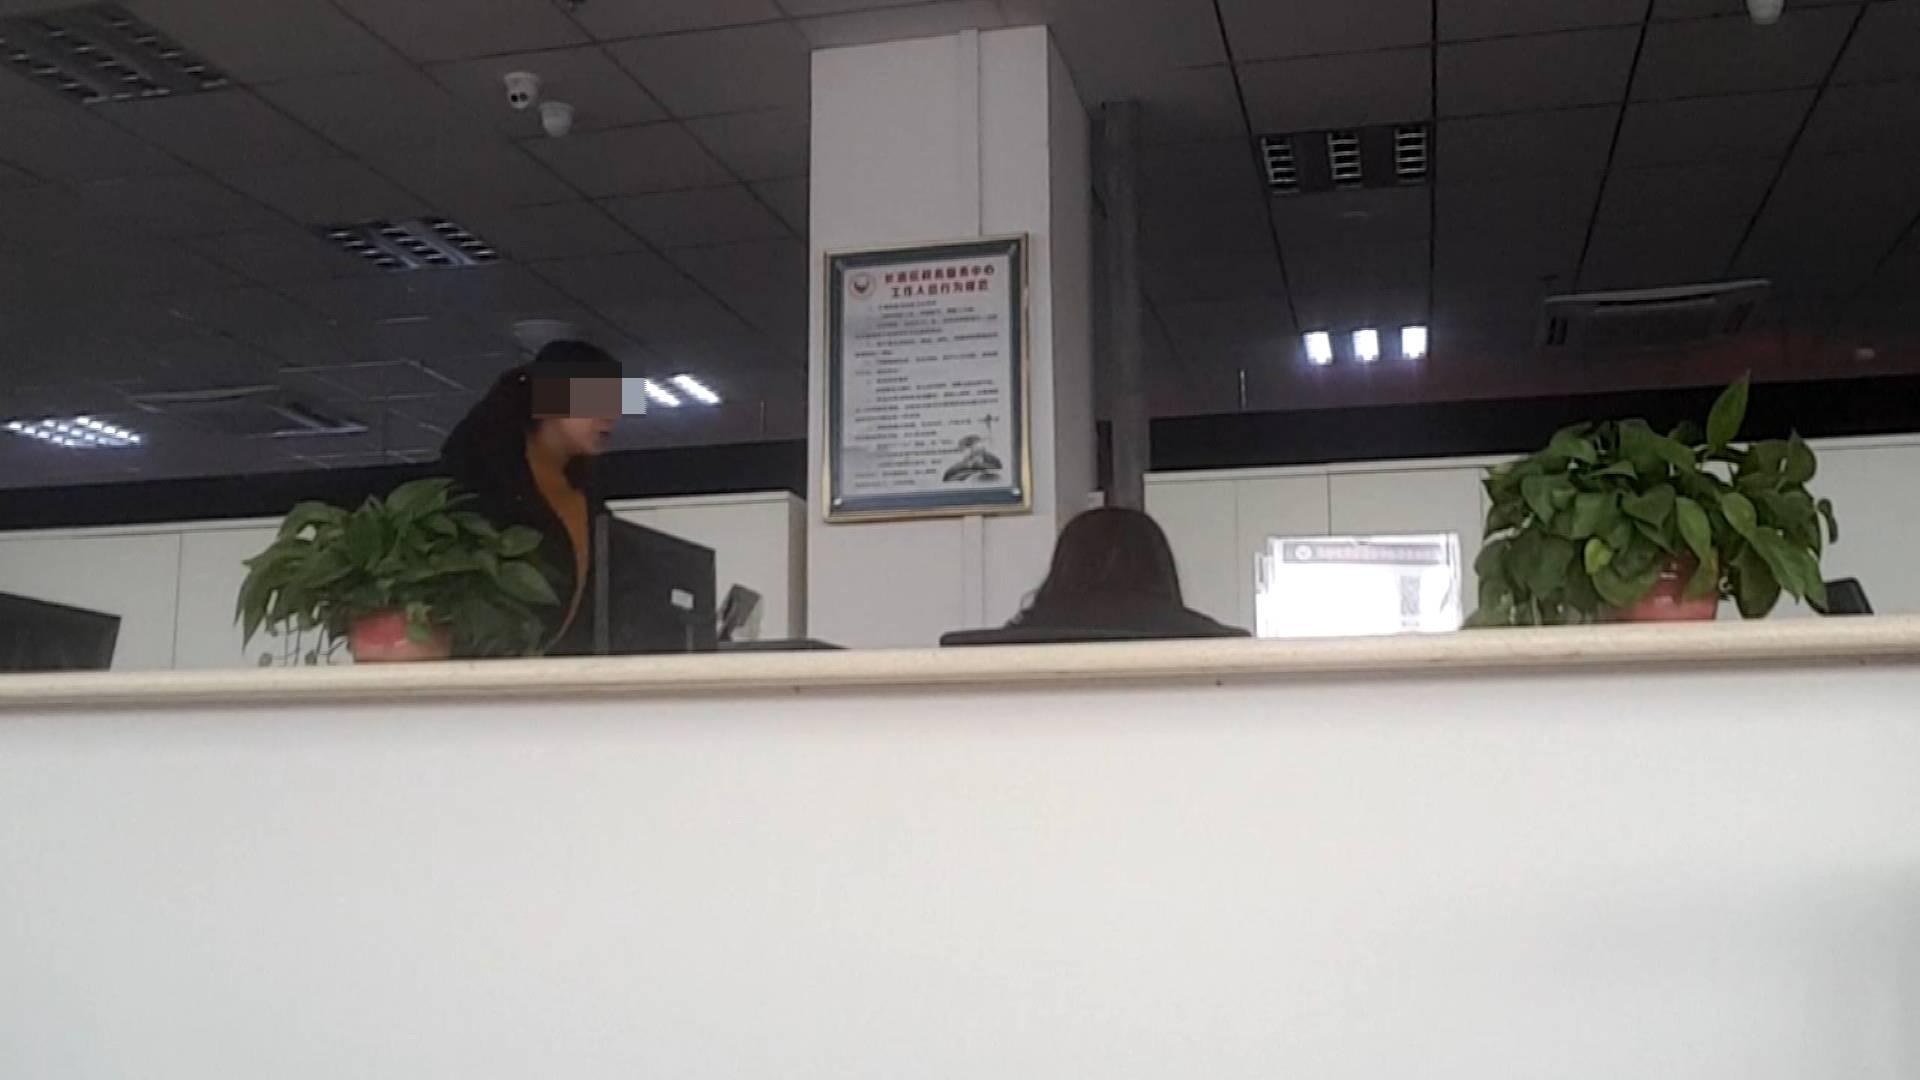 落实之年暗访|开工首日看状态 长清服务窗口部分员工上班闲聊